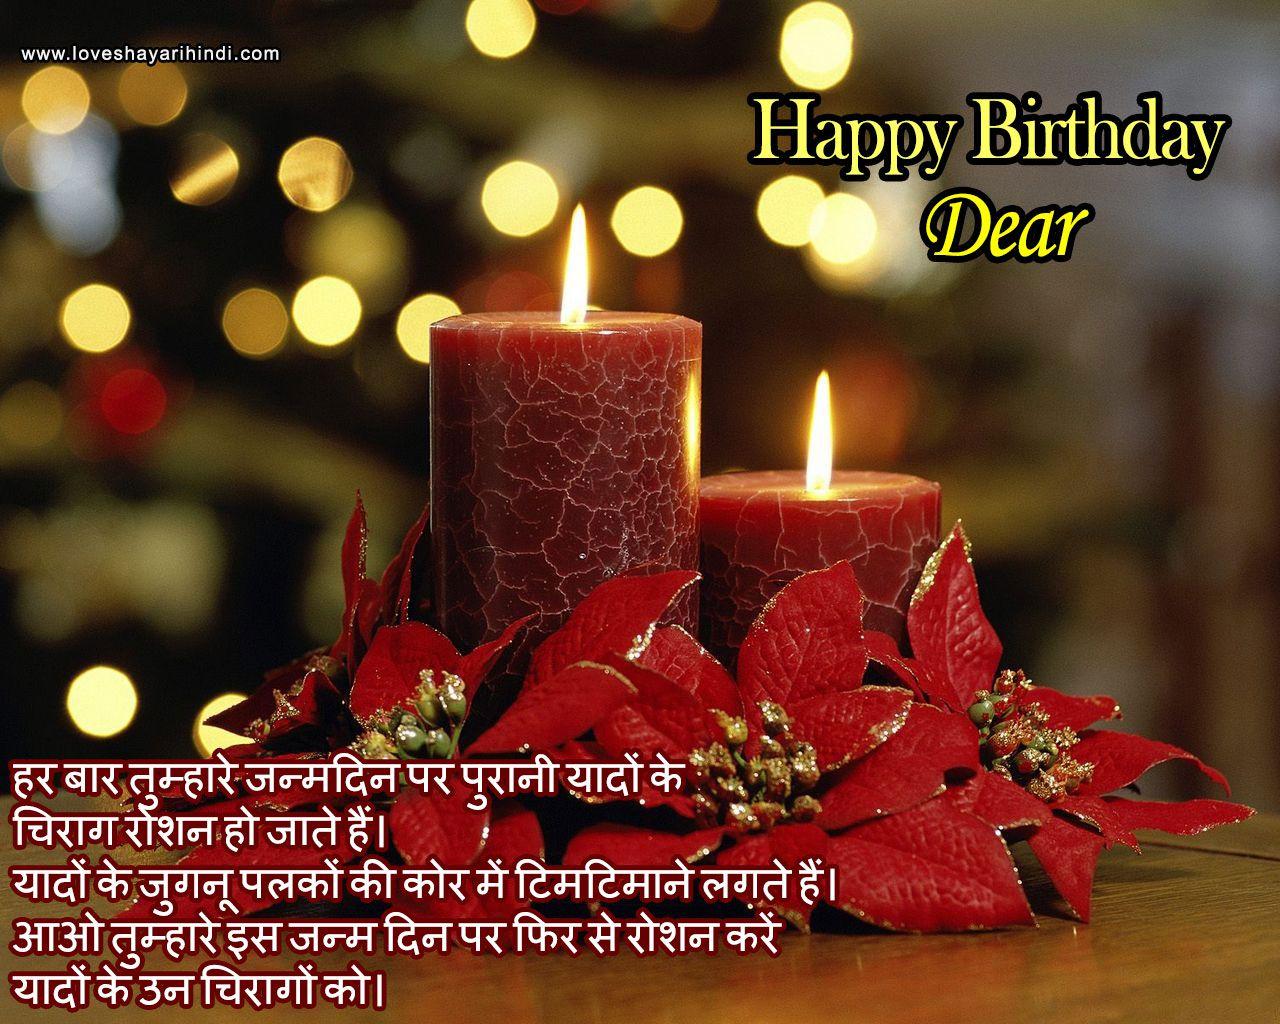 15 Best Birthday Wishes for your Wife - पत्नी के लिए जन्मदिन की शुभकामनाएं